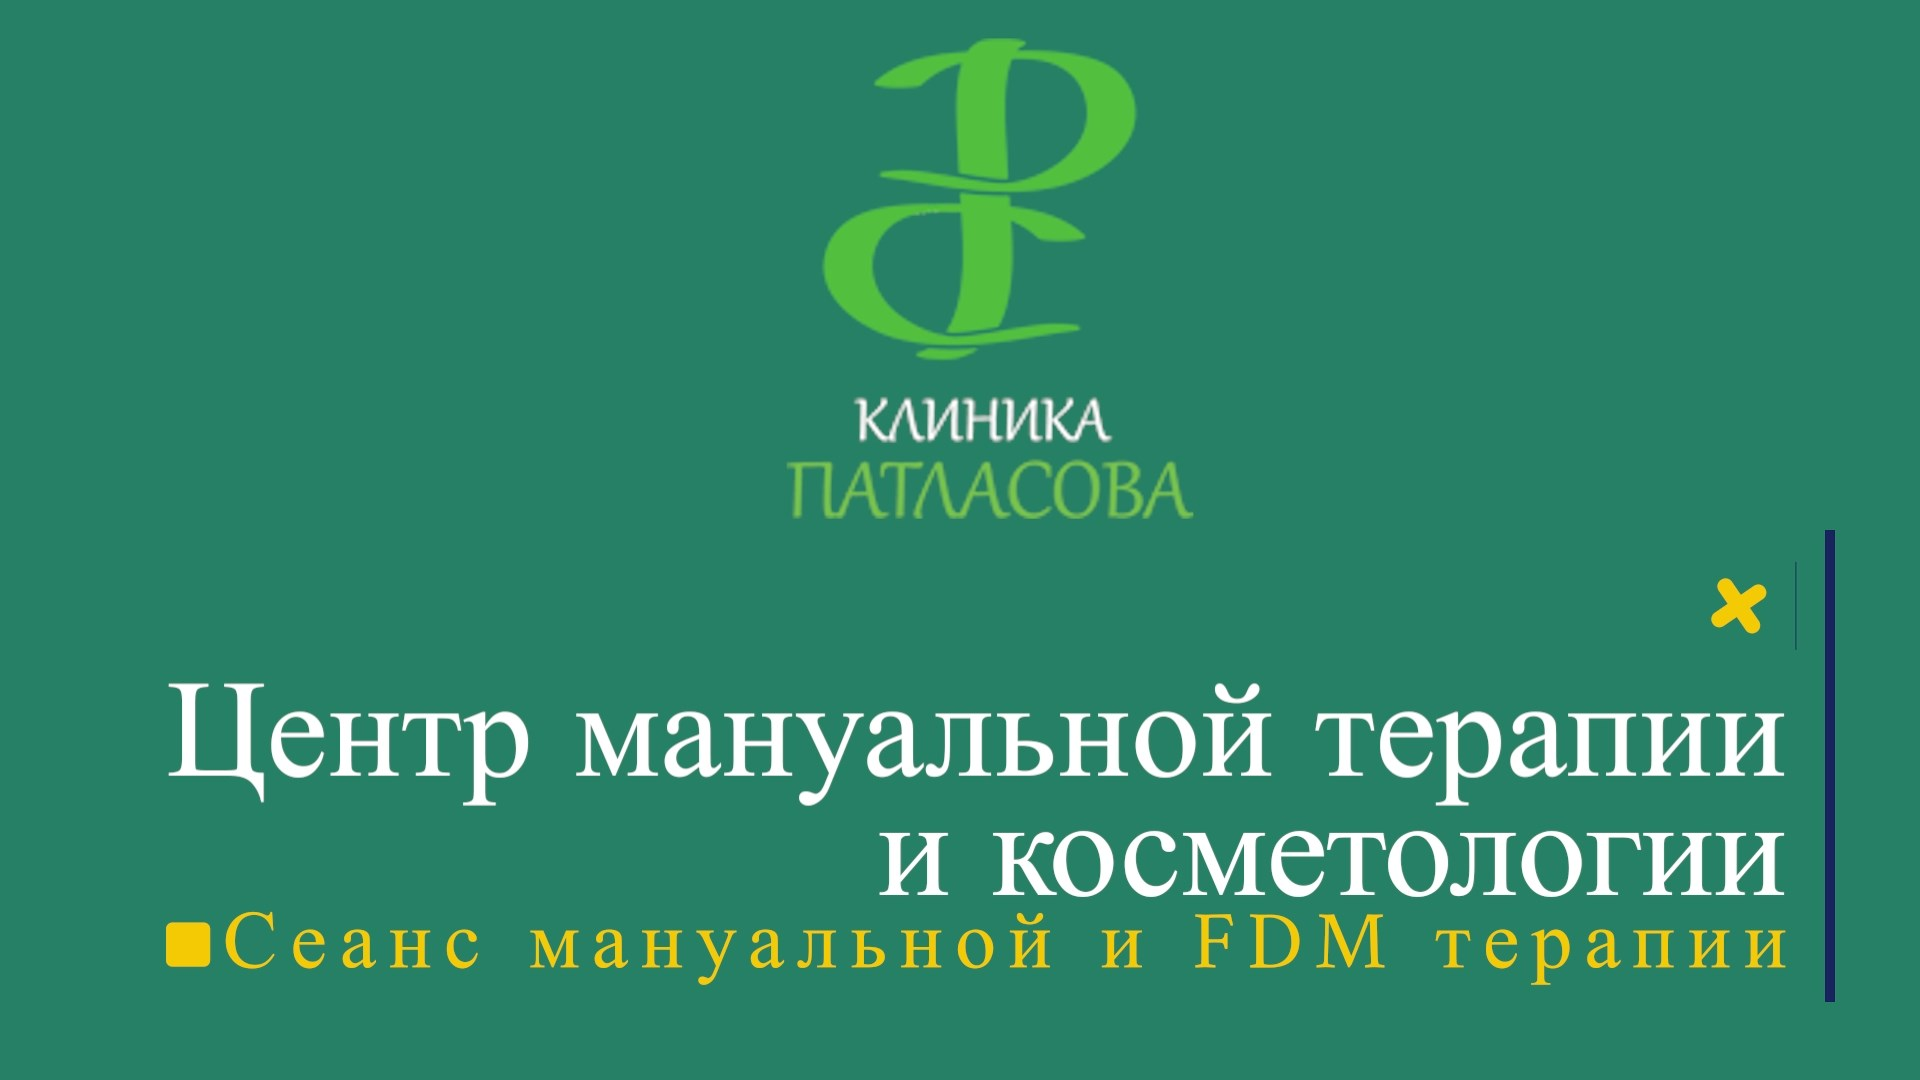 Мануальная FDM терапия